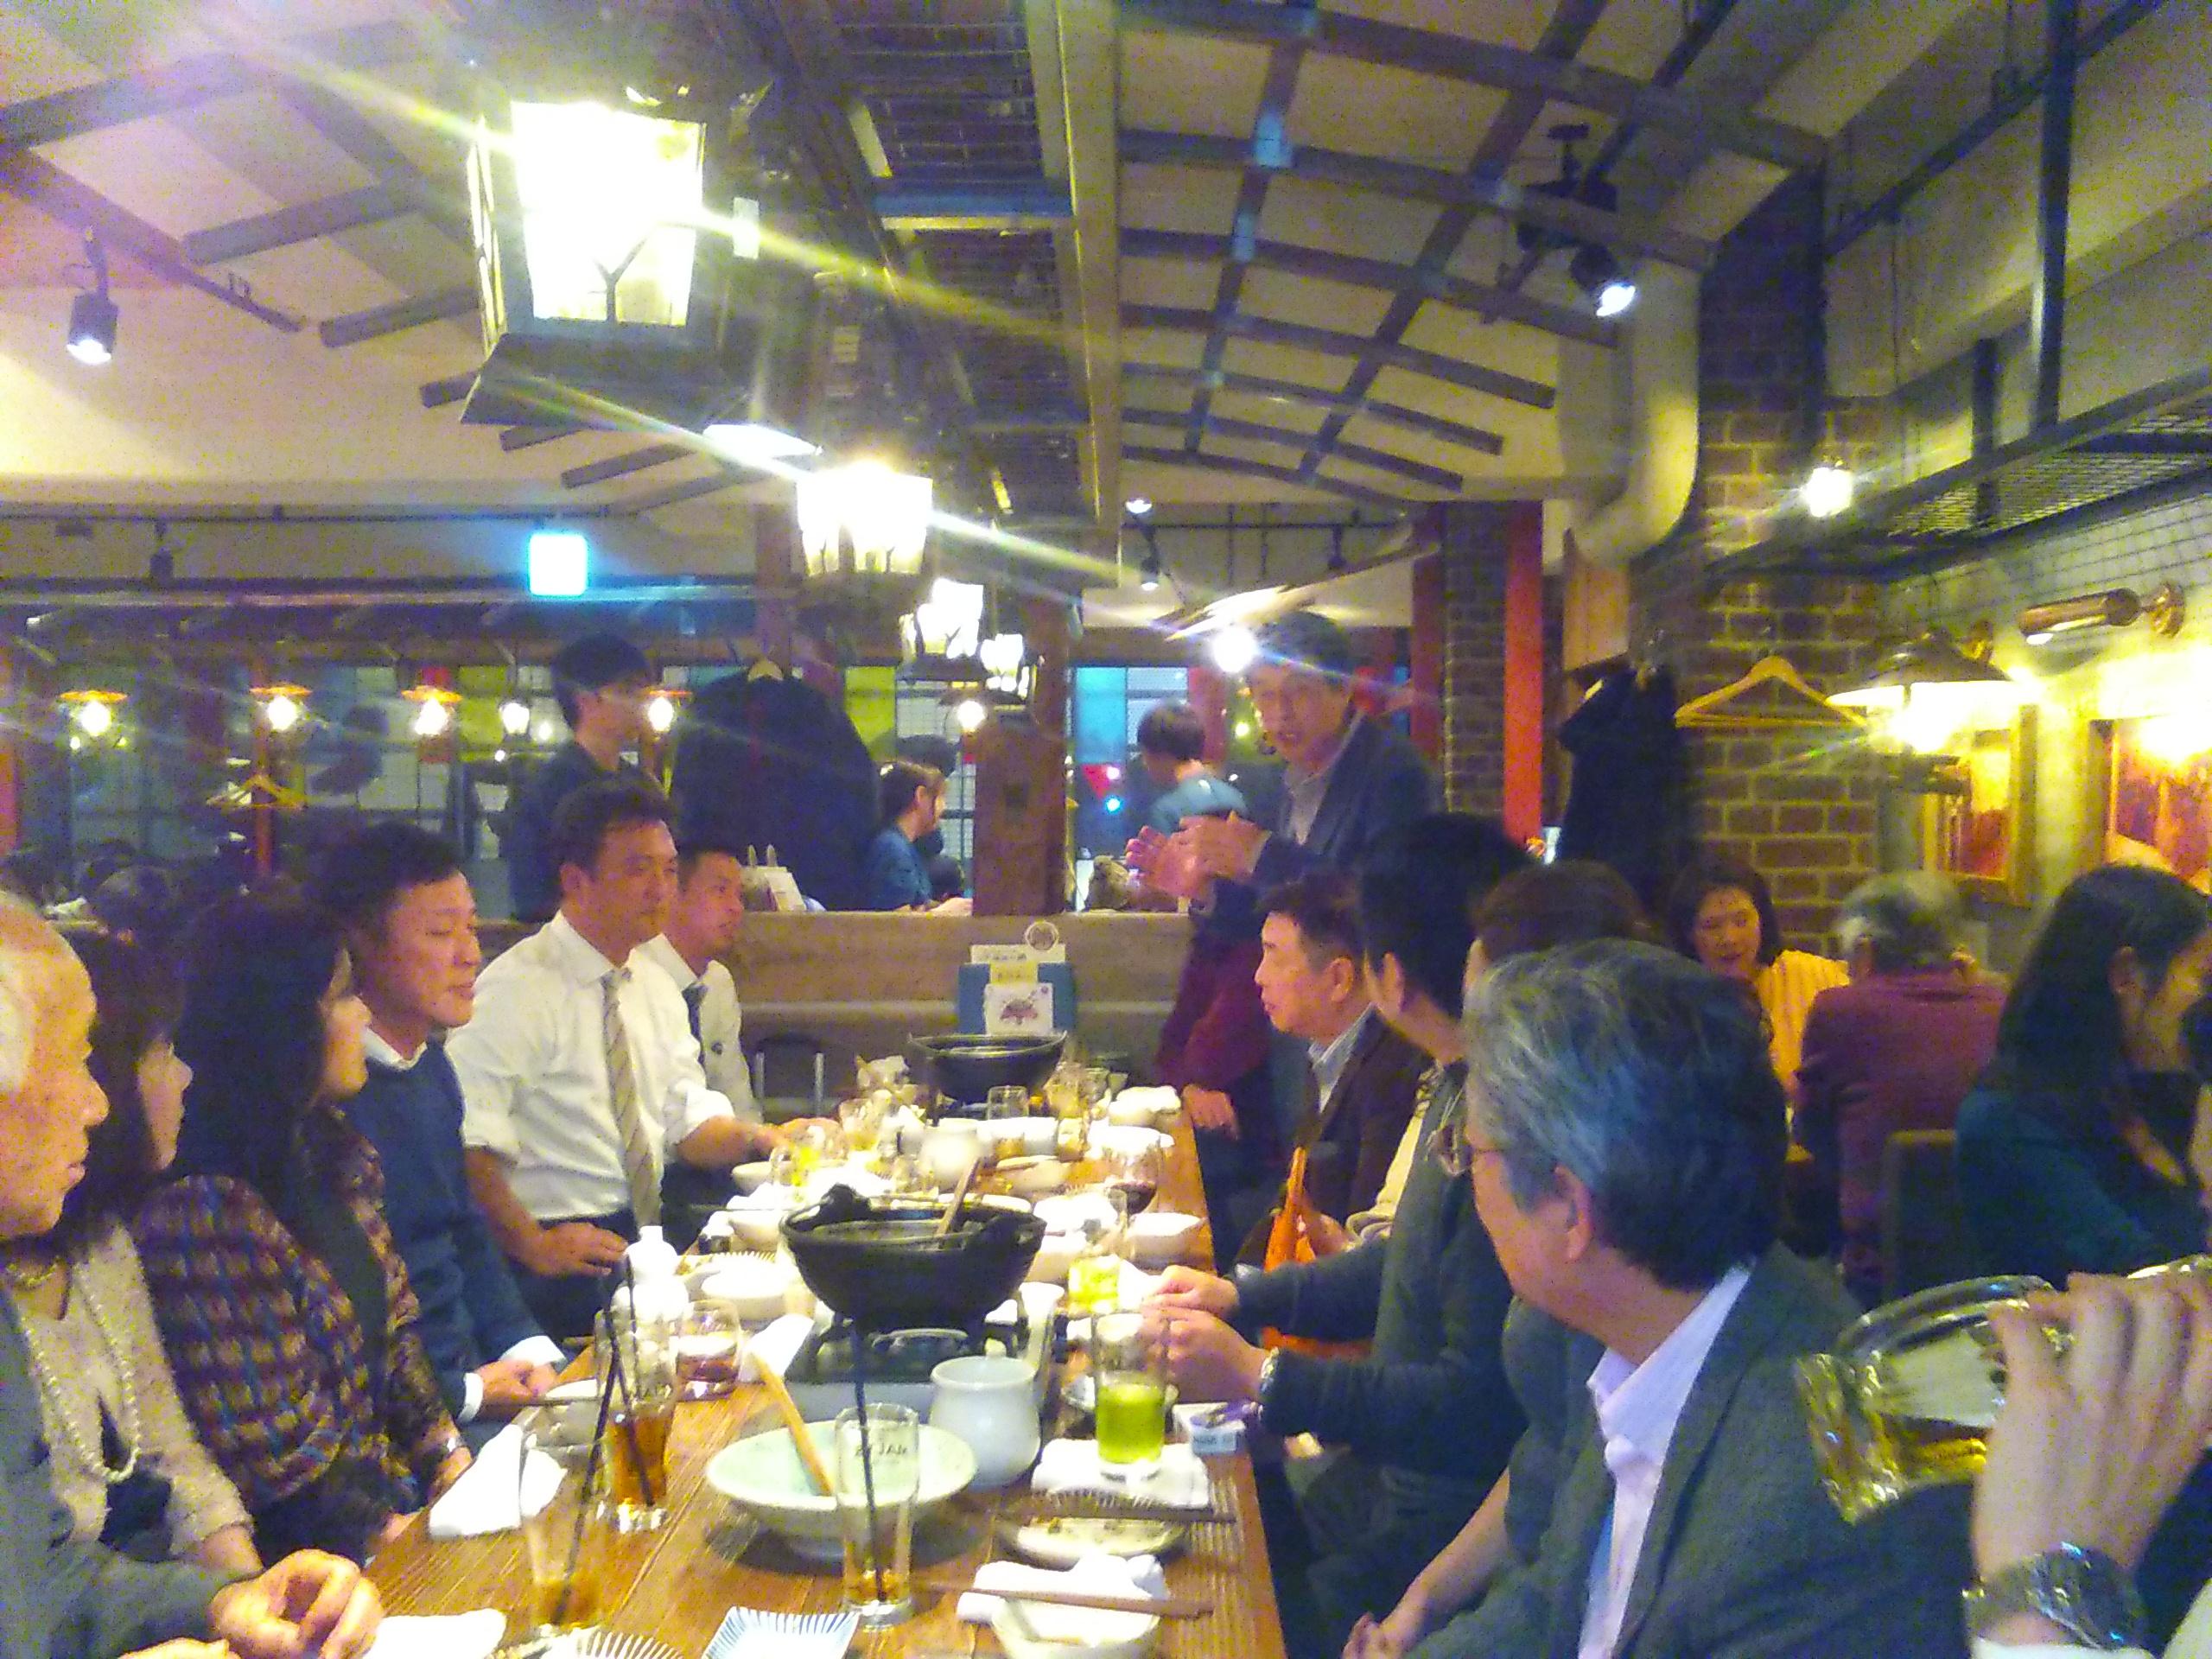 KIMG0234 - 4月1日東京思風塾の開催になります。